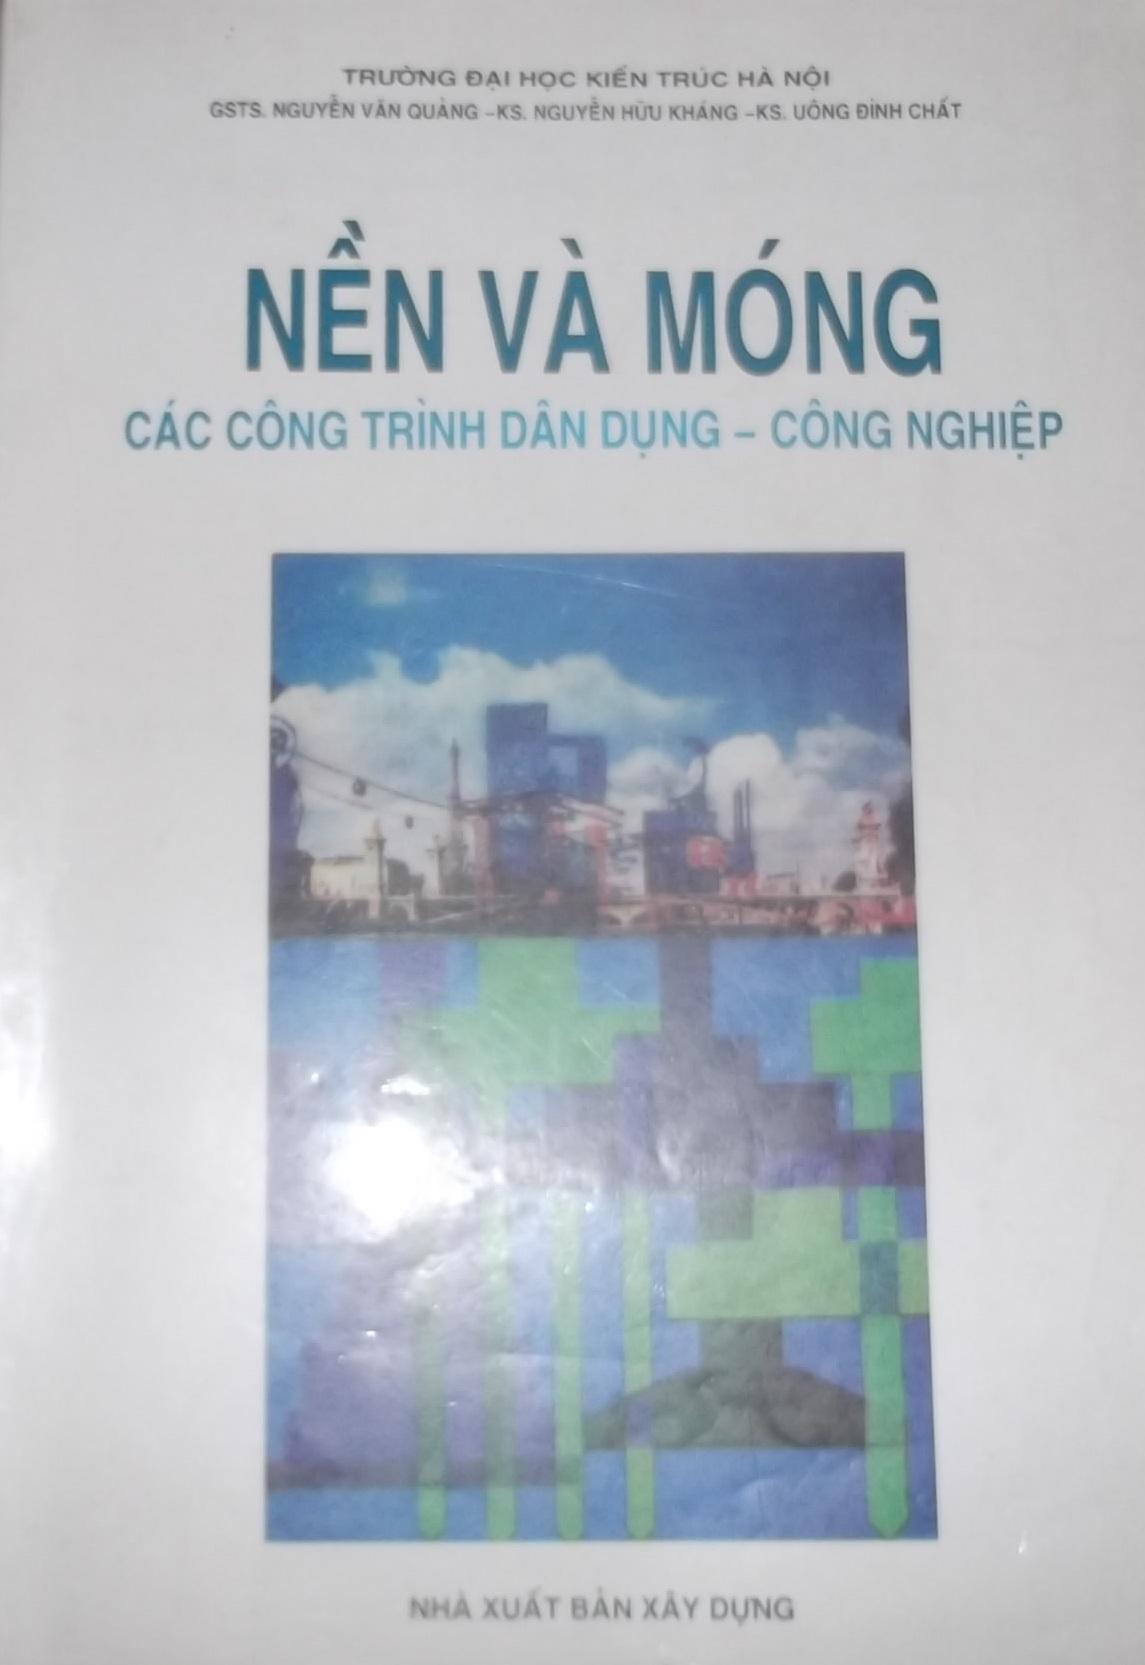 Nền và móng các công trình dân dụng-công nghiệp-GSTS.Nguyễn Văn Quảng